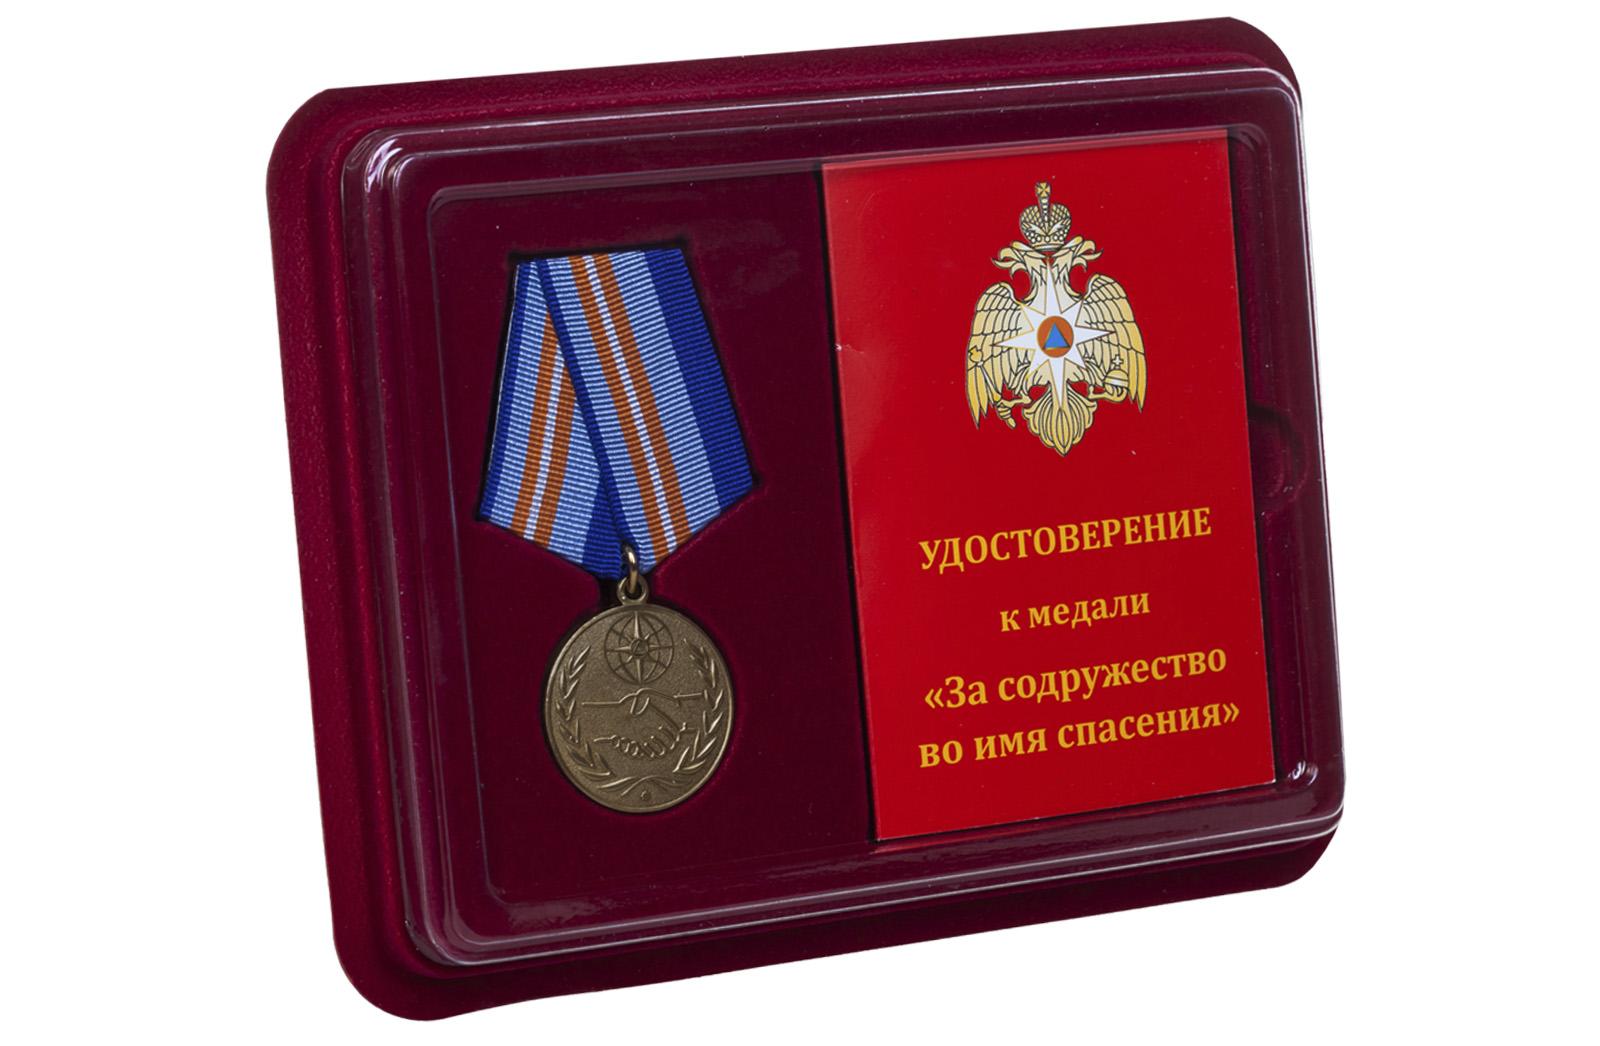 Купить ведомственную медаль За содружество во имя спасения оптом или в розницу